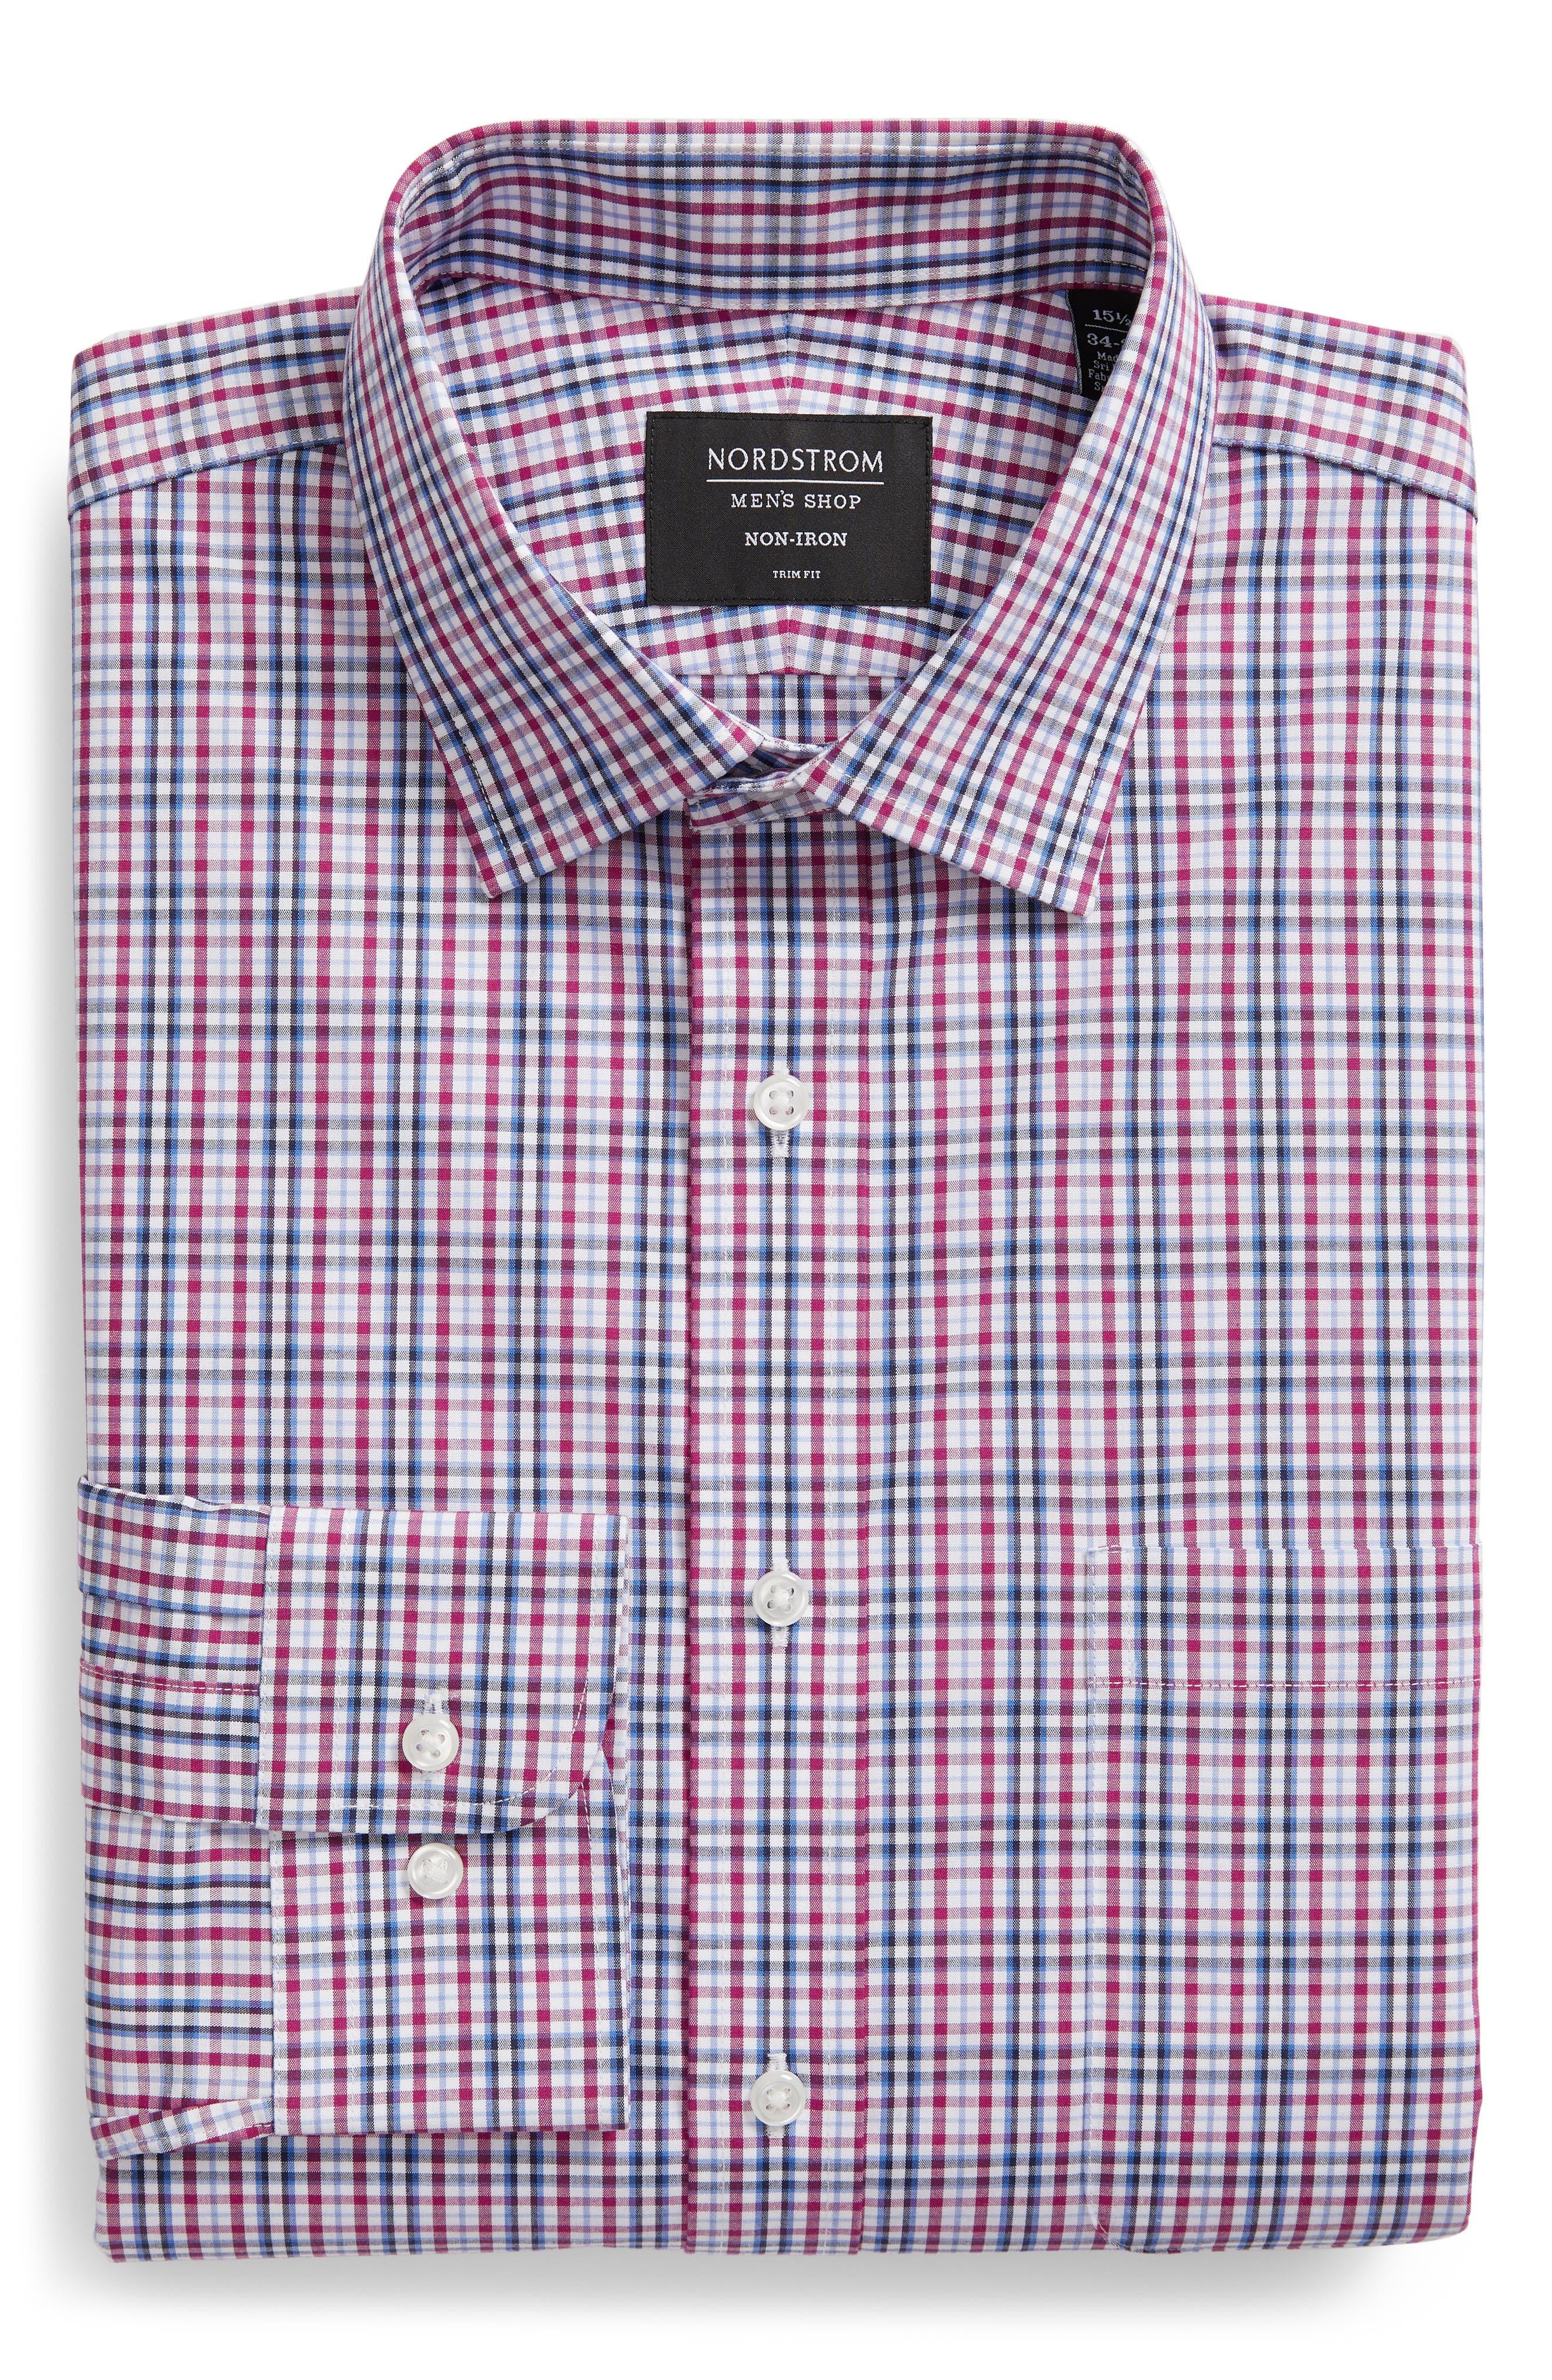 NORDSTROM MEN'S SHOP, Non-Iron Trim Fit Plaid Dress Shirt, Alternate thumbnail 5, color, PURPLE BOYSEN